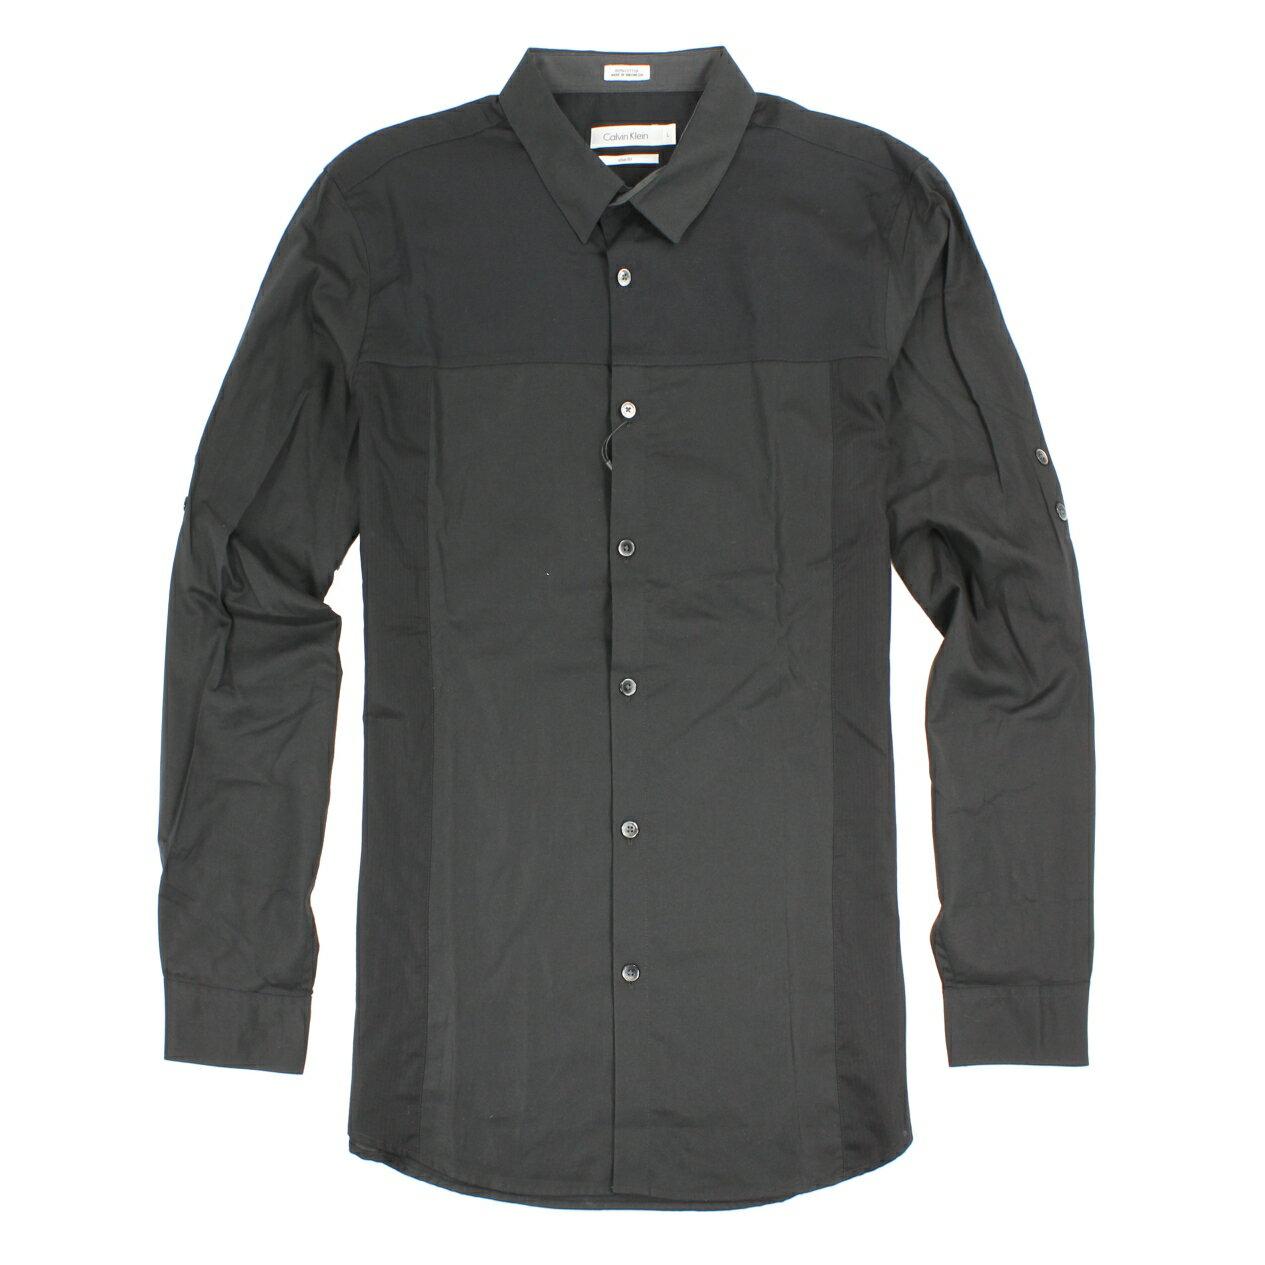 美國百分百【全新真品】Calvin Klein 襯衫 CK 男衣 長袖 上班 休閒 合身 拼接 M號 黑色 E236